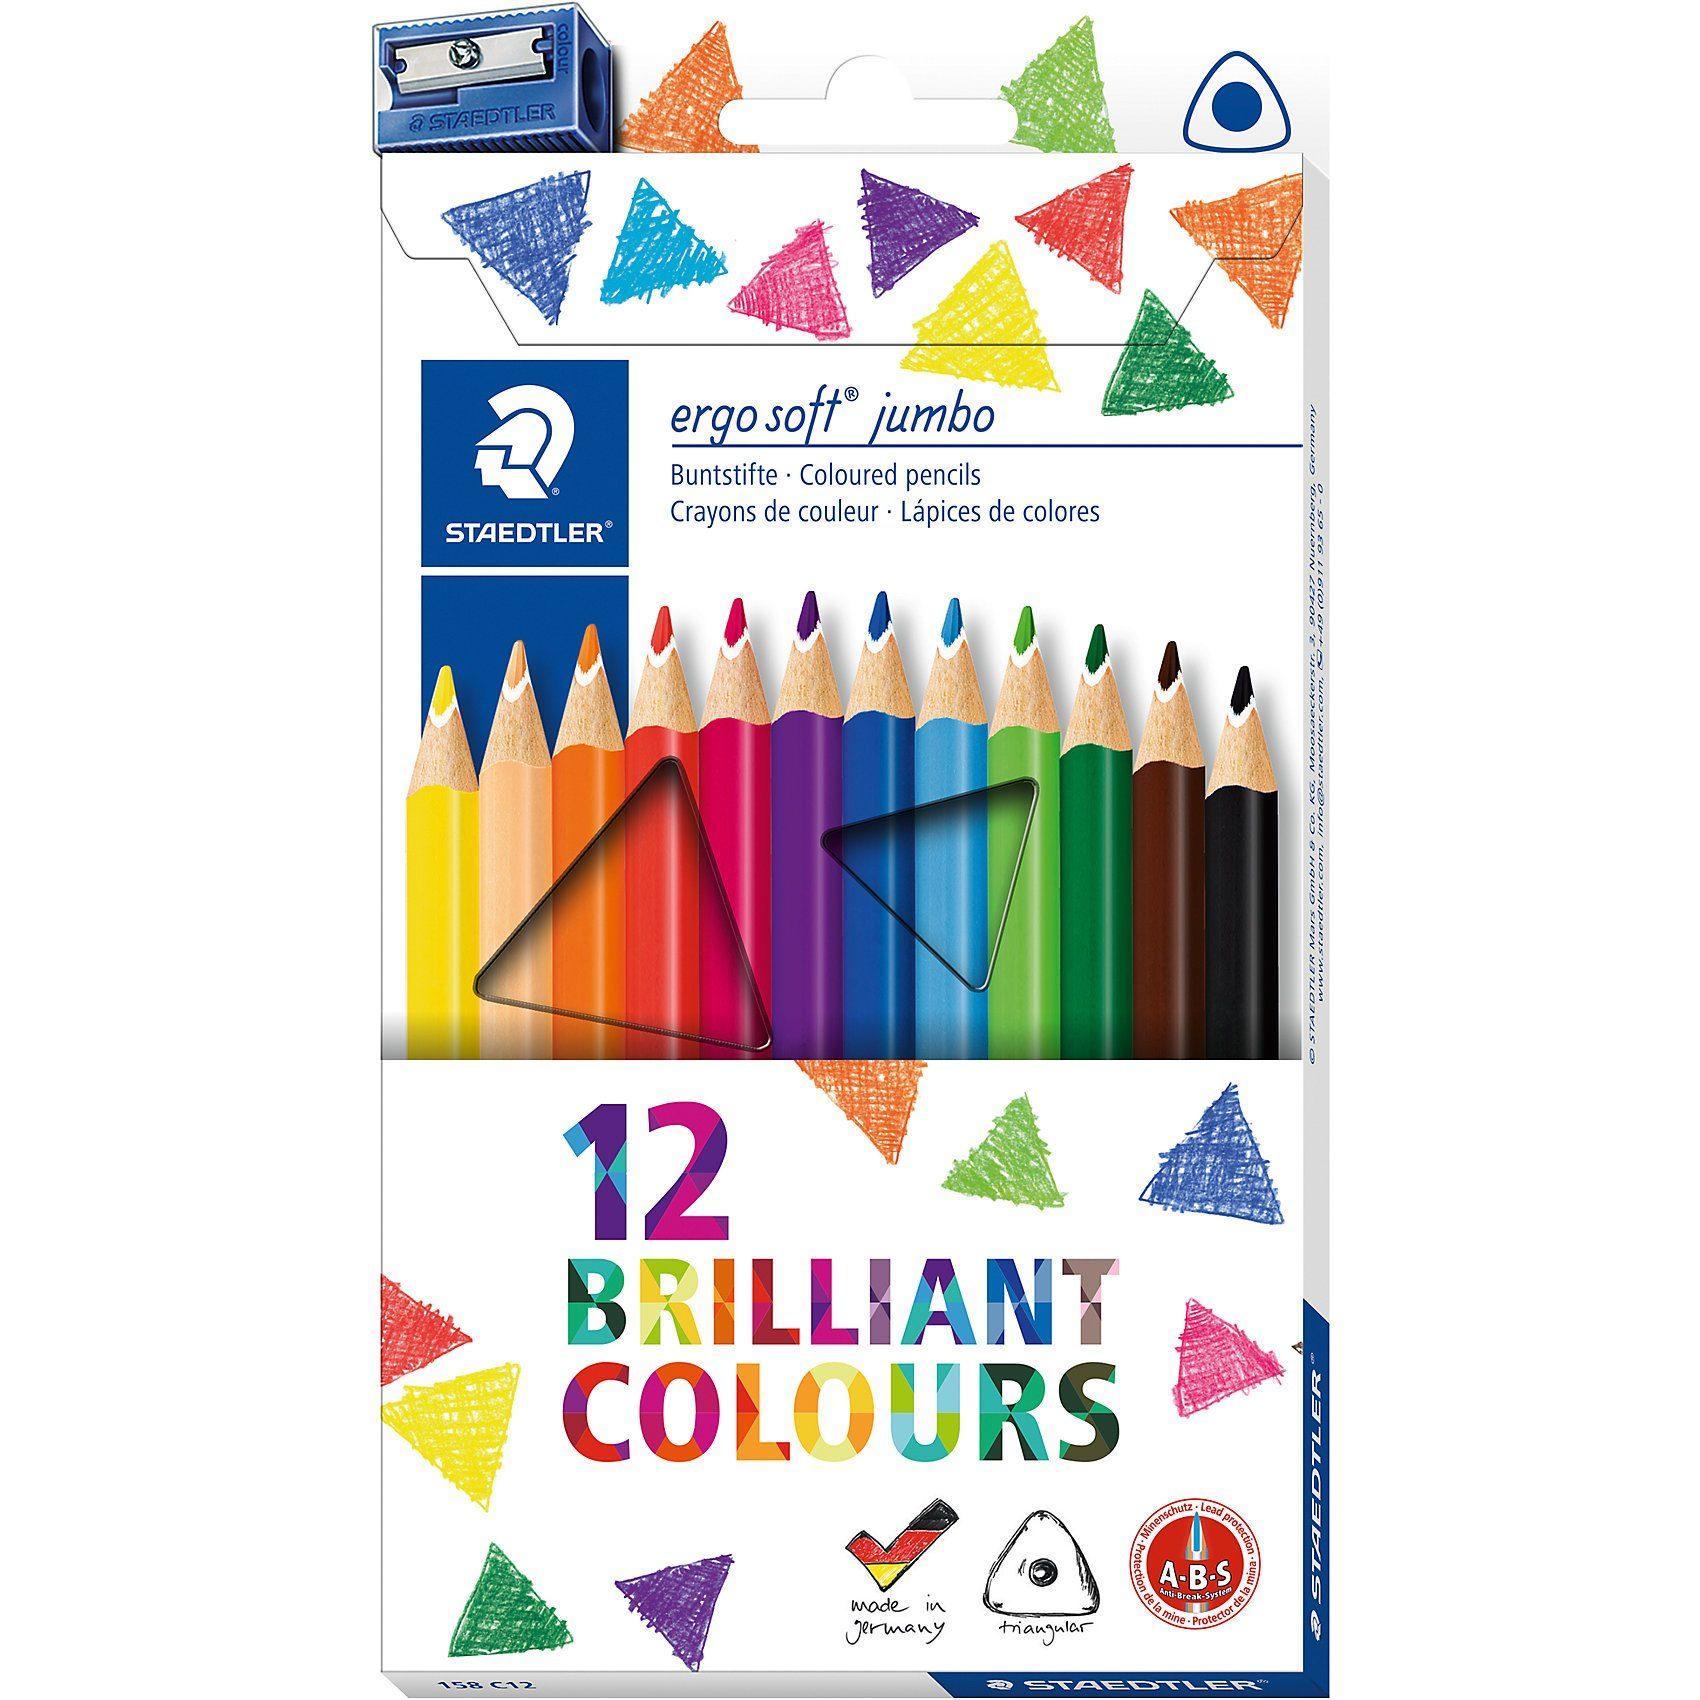 STAEDTLER Buntstifte ergo soft Jumbo, 12 Farben